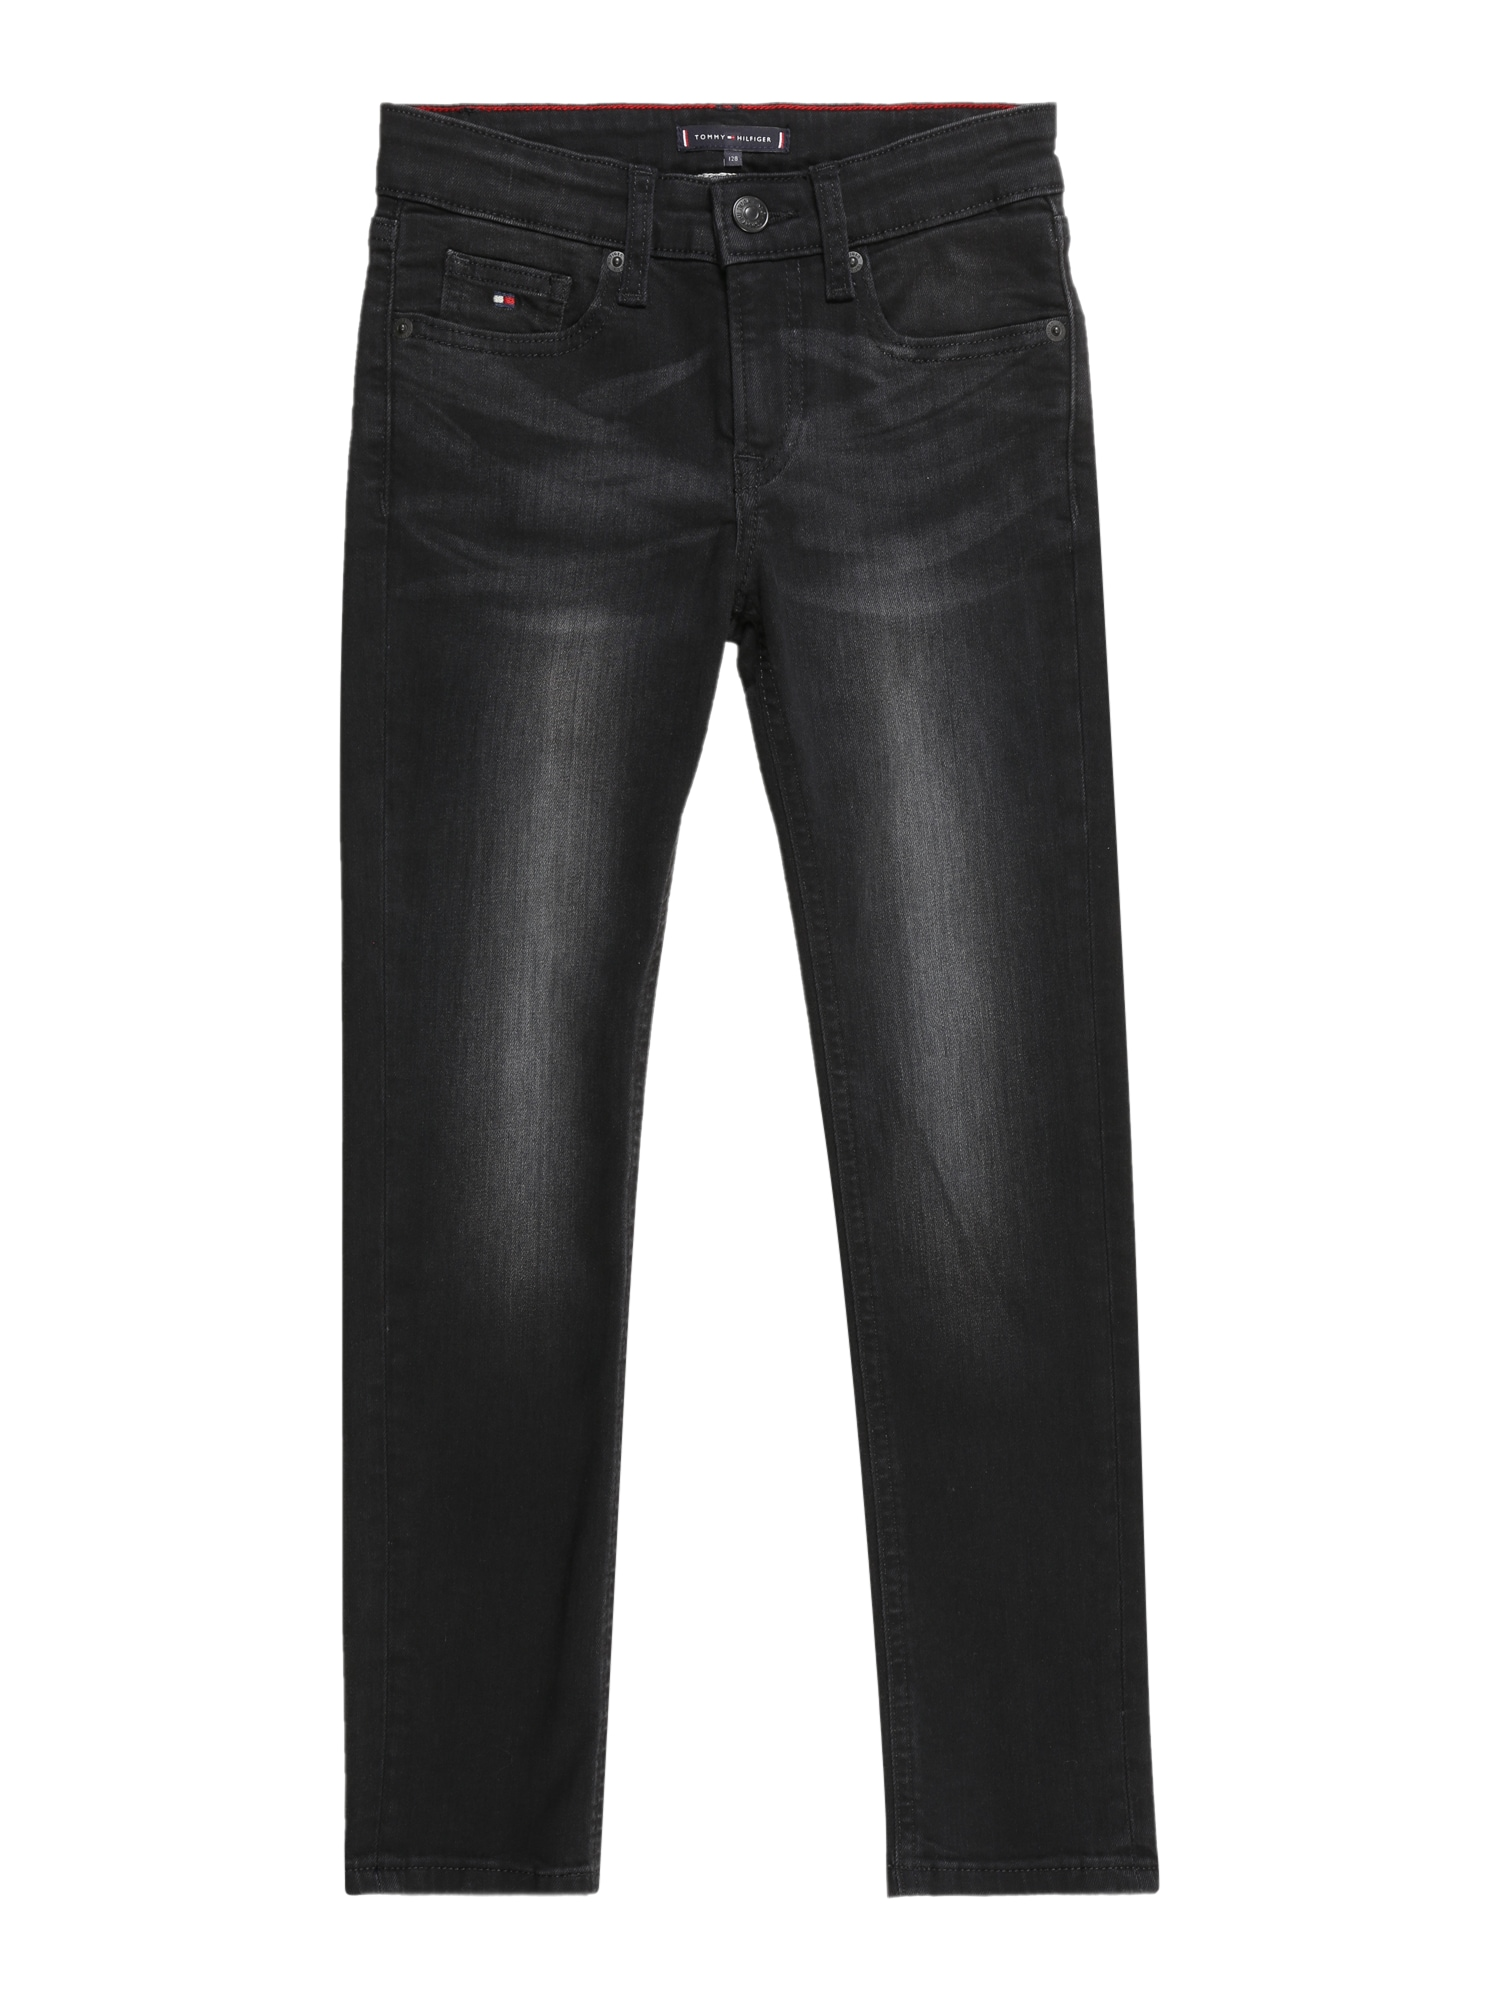 TOMMY HILFIGER Džinsai 'SCANTON' juodo džinso spalva